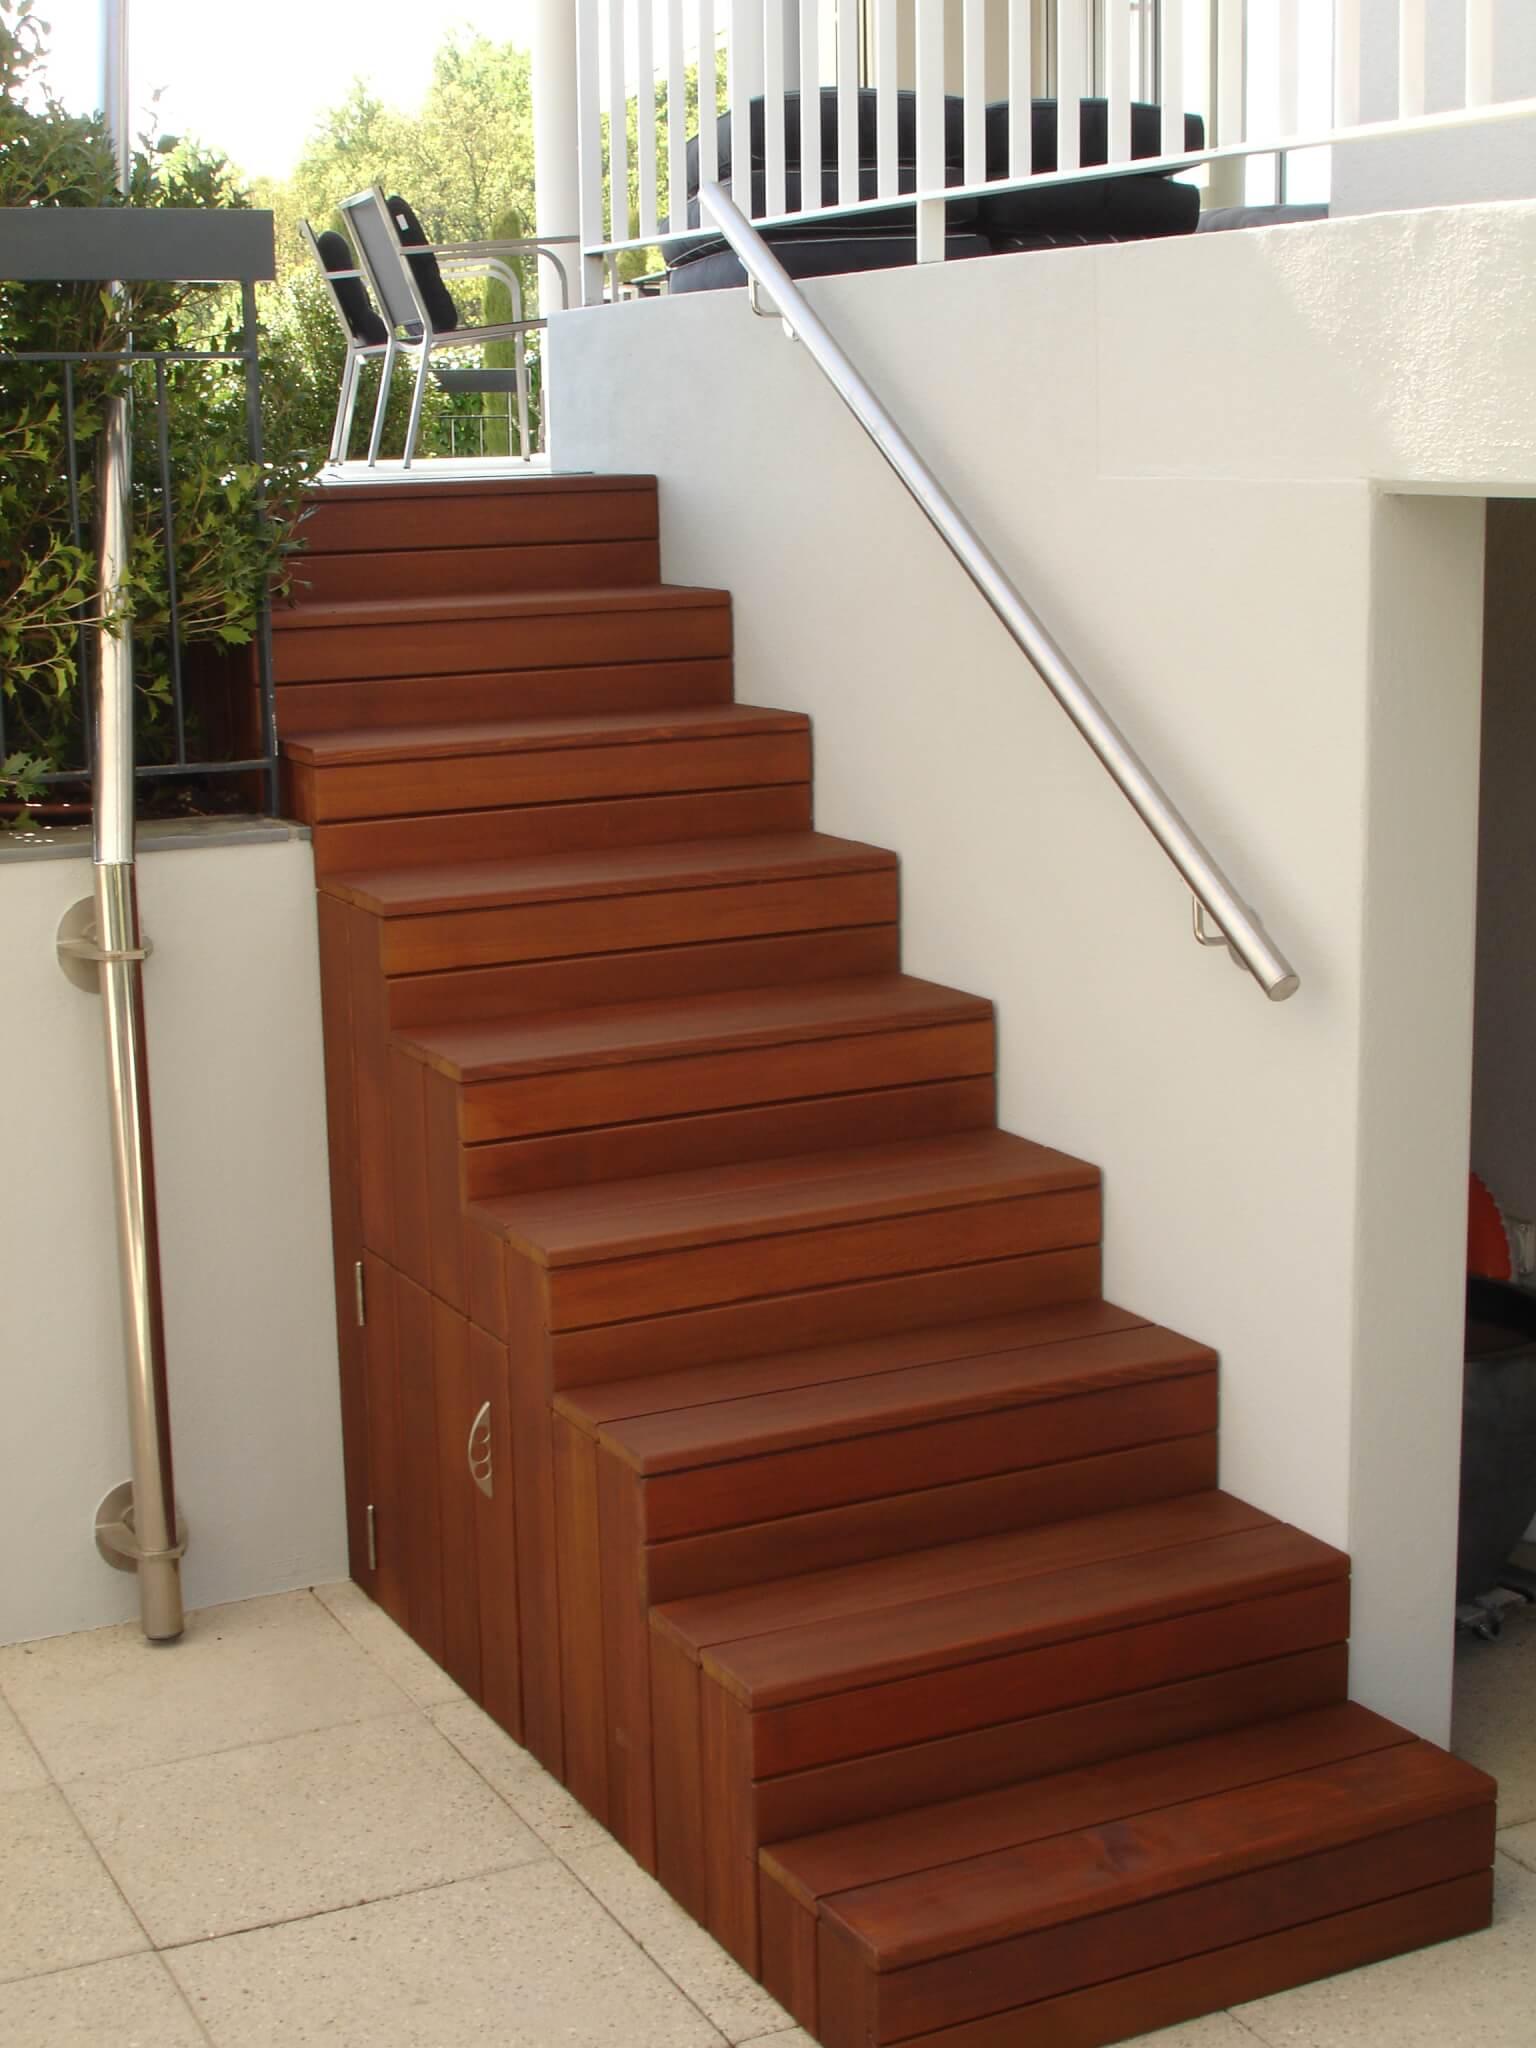 Schmale Holzterrasse mit Stufen Formare 11